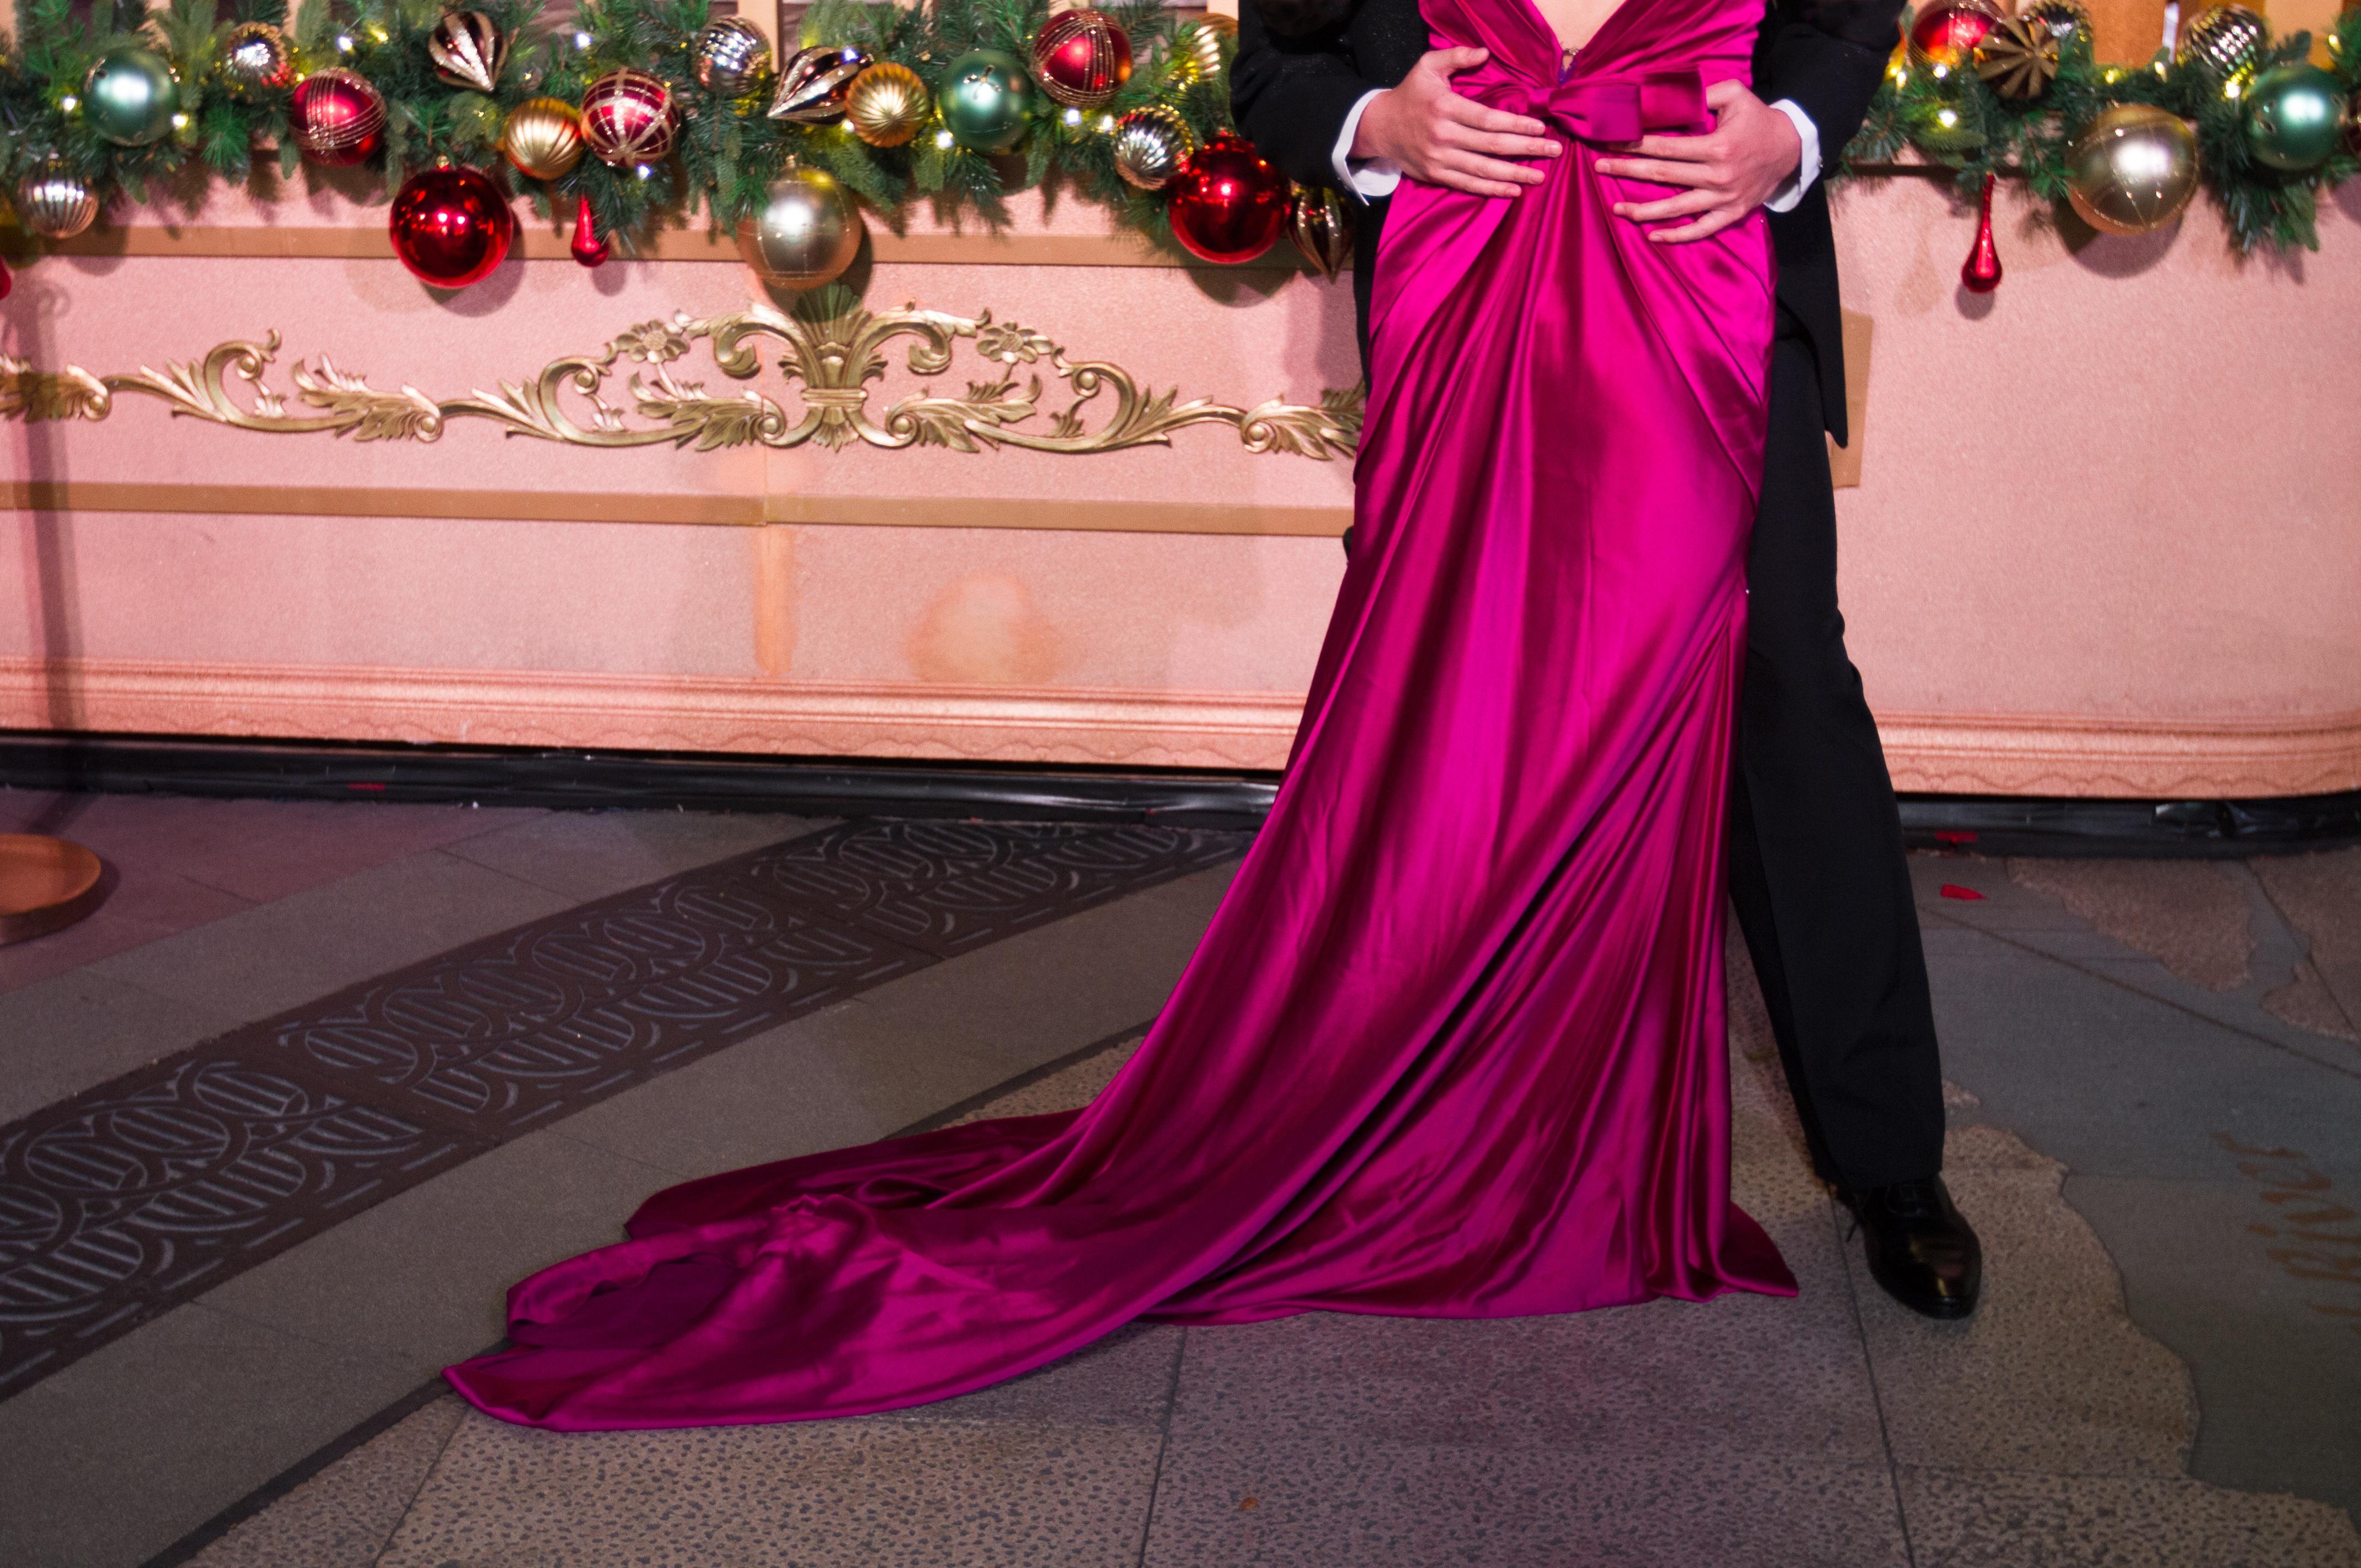 Fotos gratis : púrpura, rojo, color, Moda, ropa, rosado, novia ...